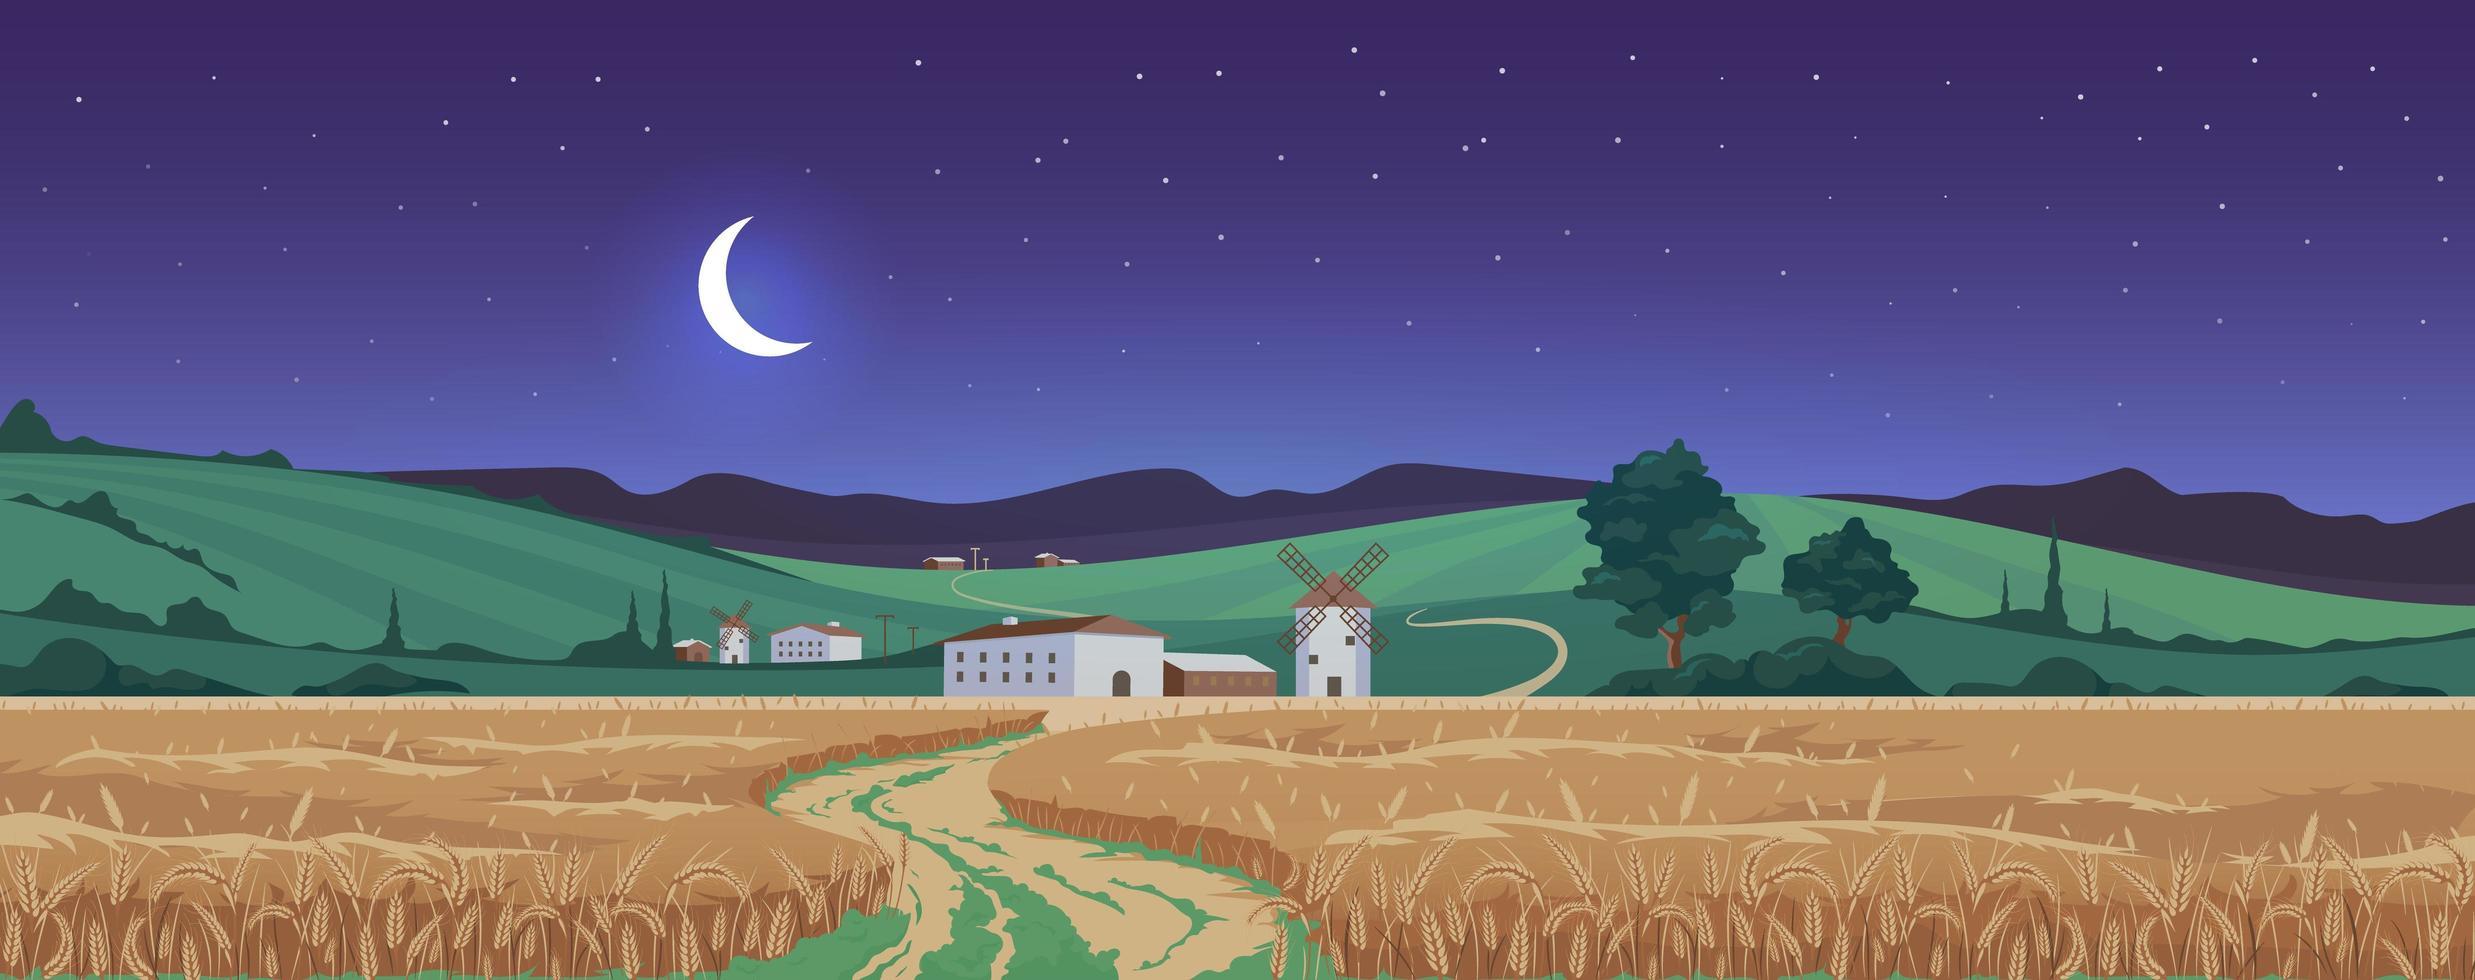 luna nuova sopra i campi di grano vettore